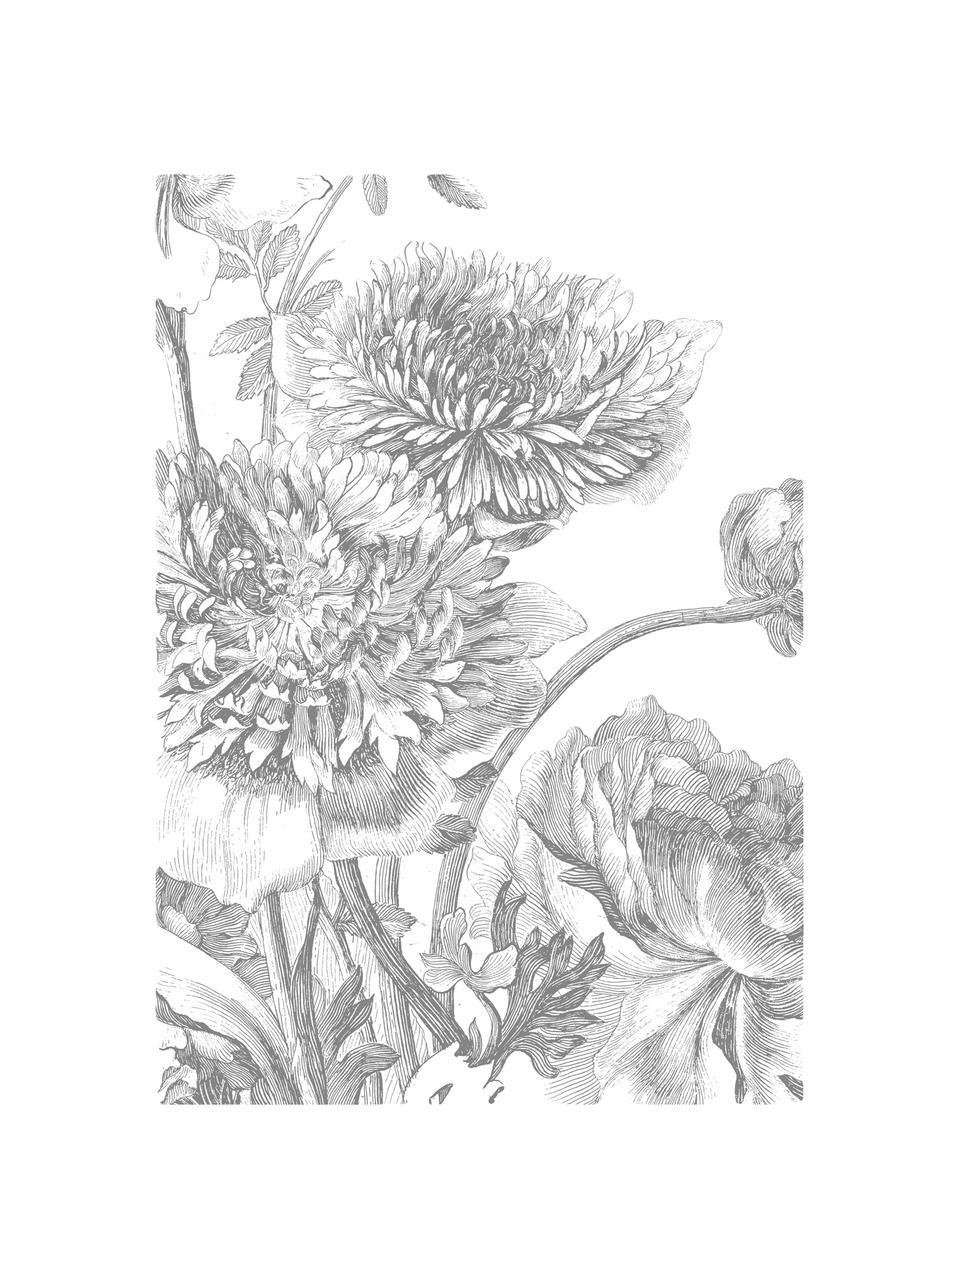 Fototapete Engraved Flowers, Vlies, umweltfreundlich und biologisch abbaubar, Grau, Weiß, 389 x 280 cm